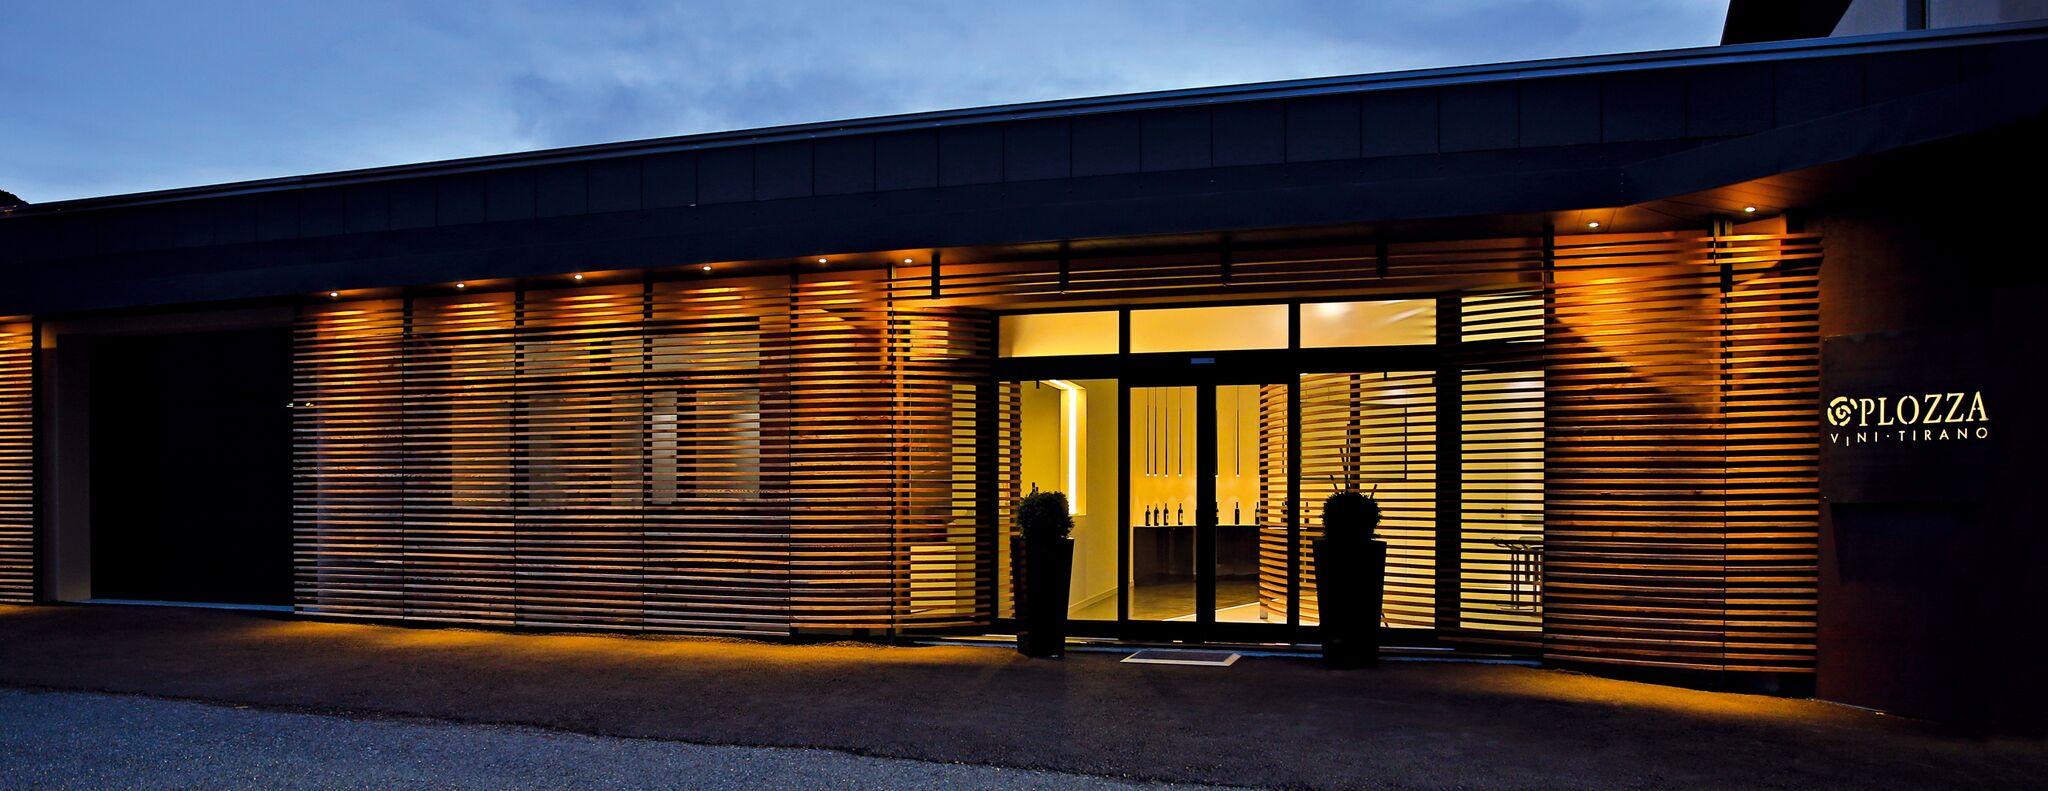 Plozza Vini Tirano - lo showroom visto dall esterno